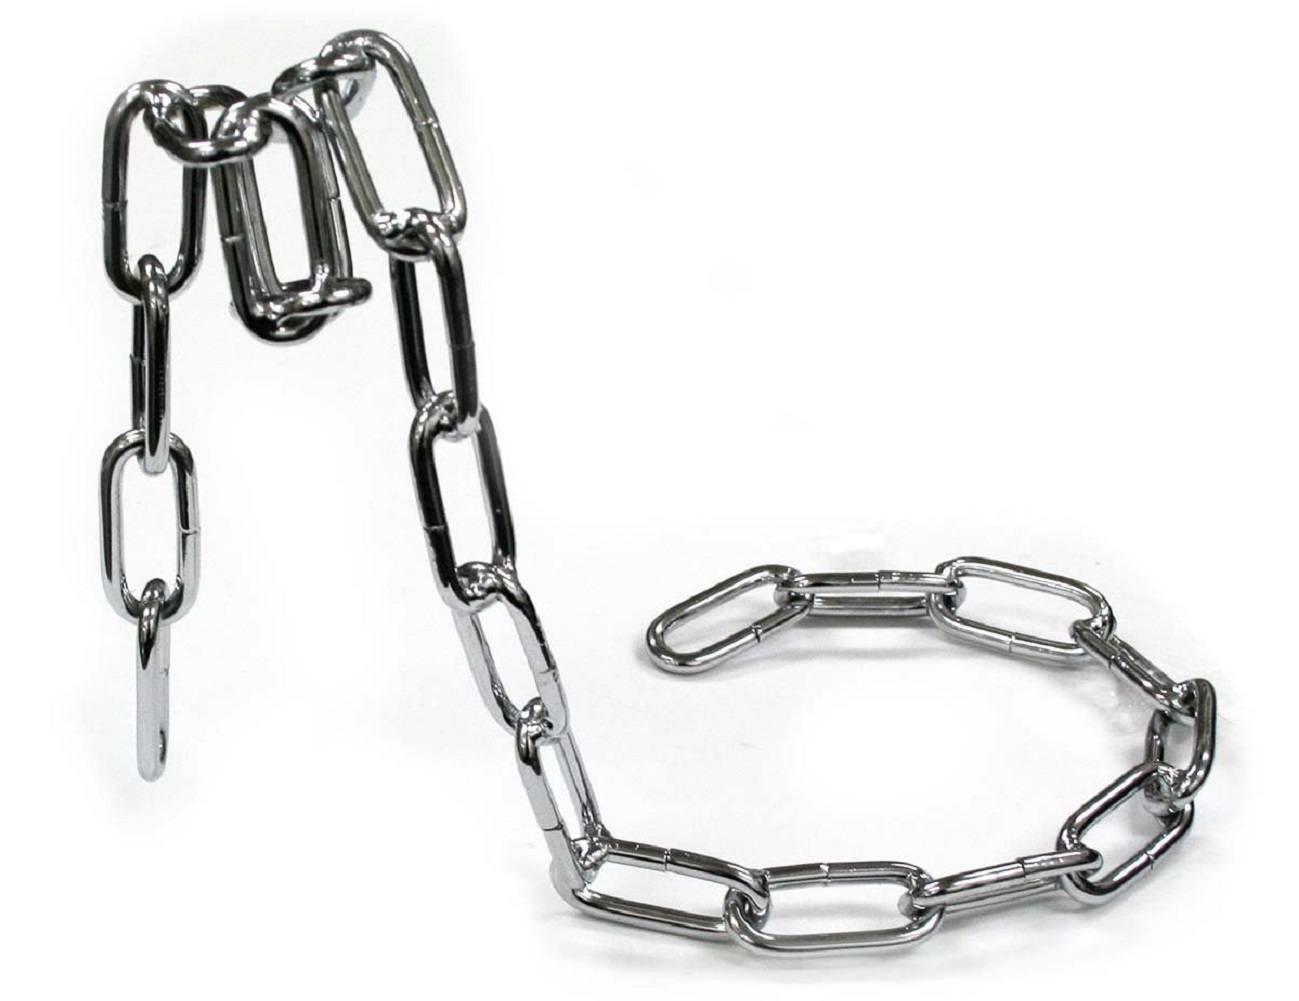 True Fabrications Chain Bottle Rack